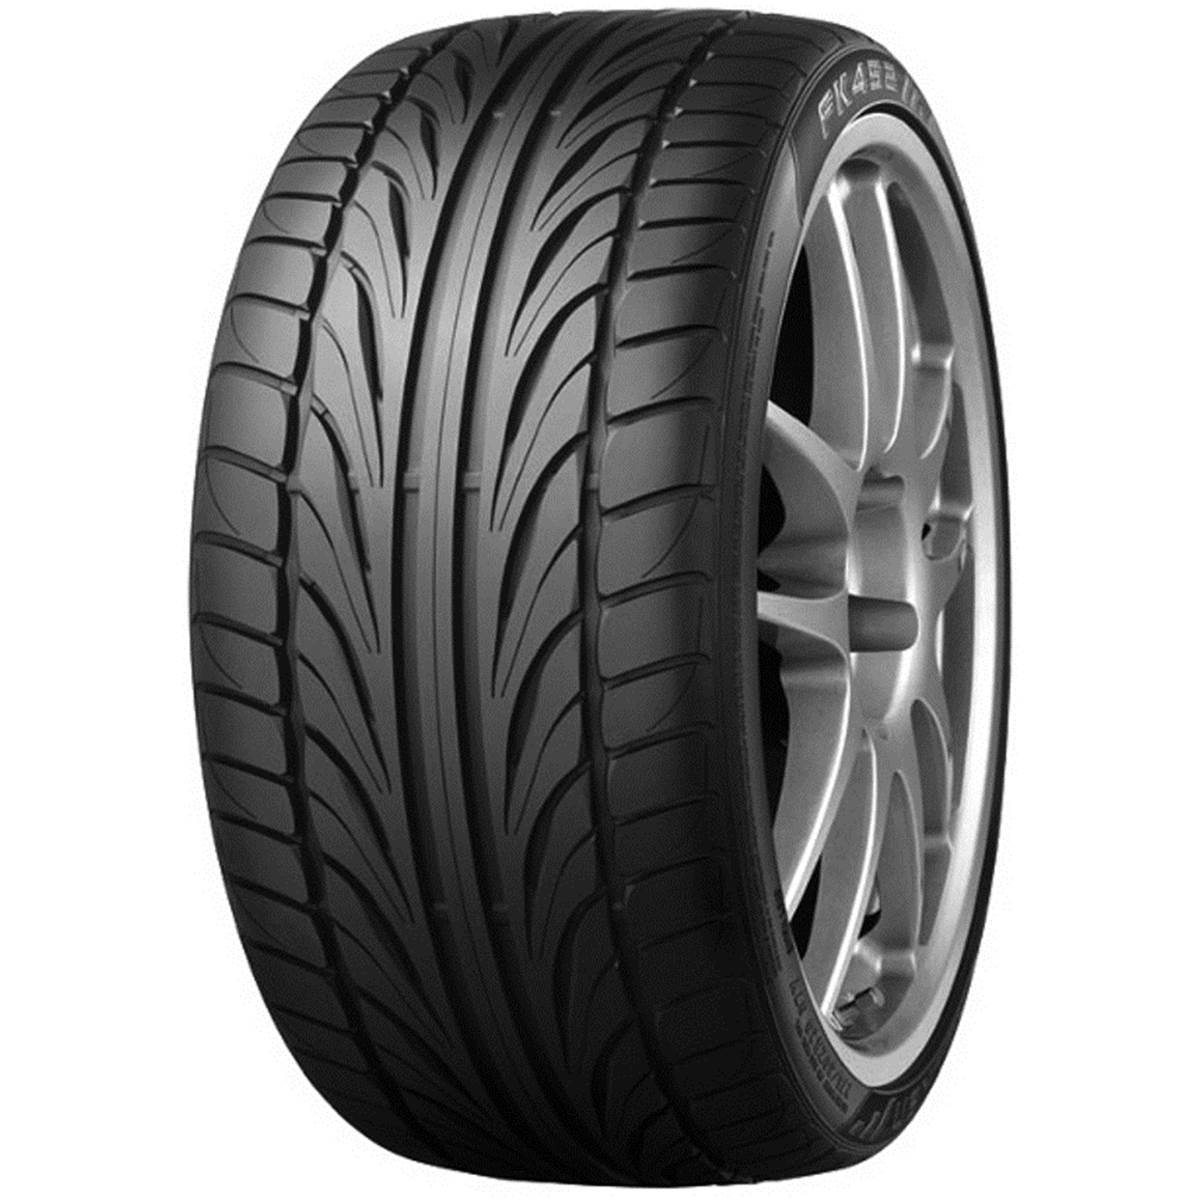 falken fk 452 achat de pneus falken fk 452 pas cher comparer les prix du pneu falken fk 452. Black Bedroom Furniture Sets. Home Design Ideas